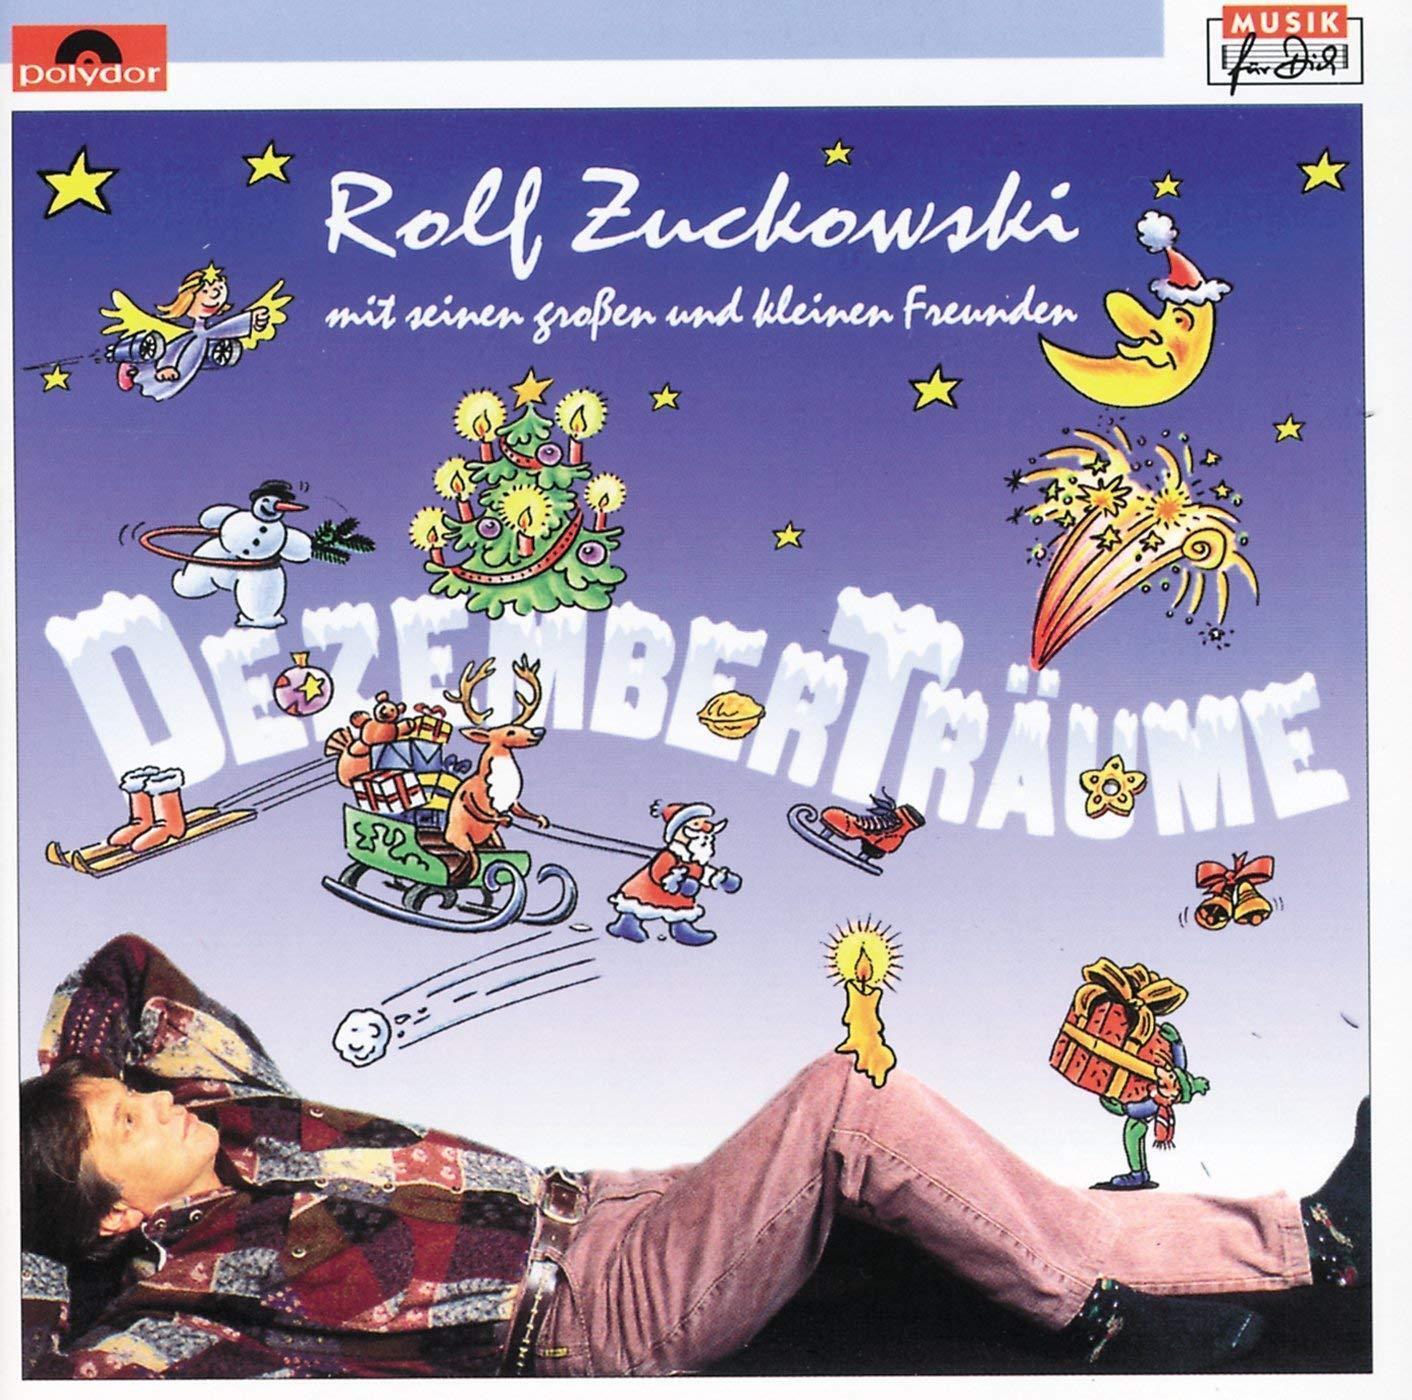 Dezemberträume von Zuckowski Rolf, Mit Seinen Großen und kleinen Freunden